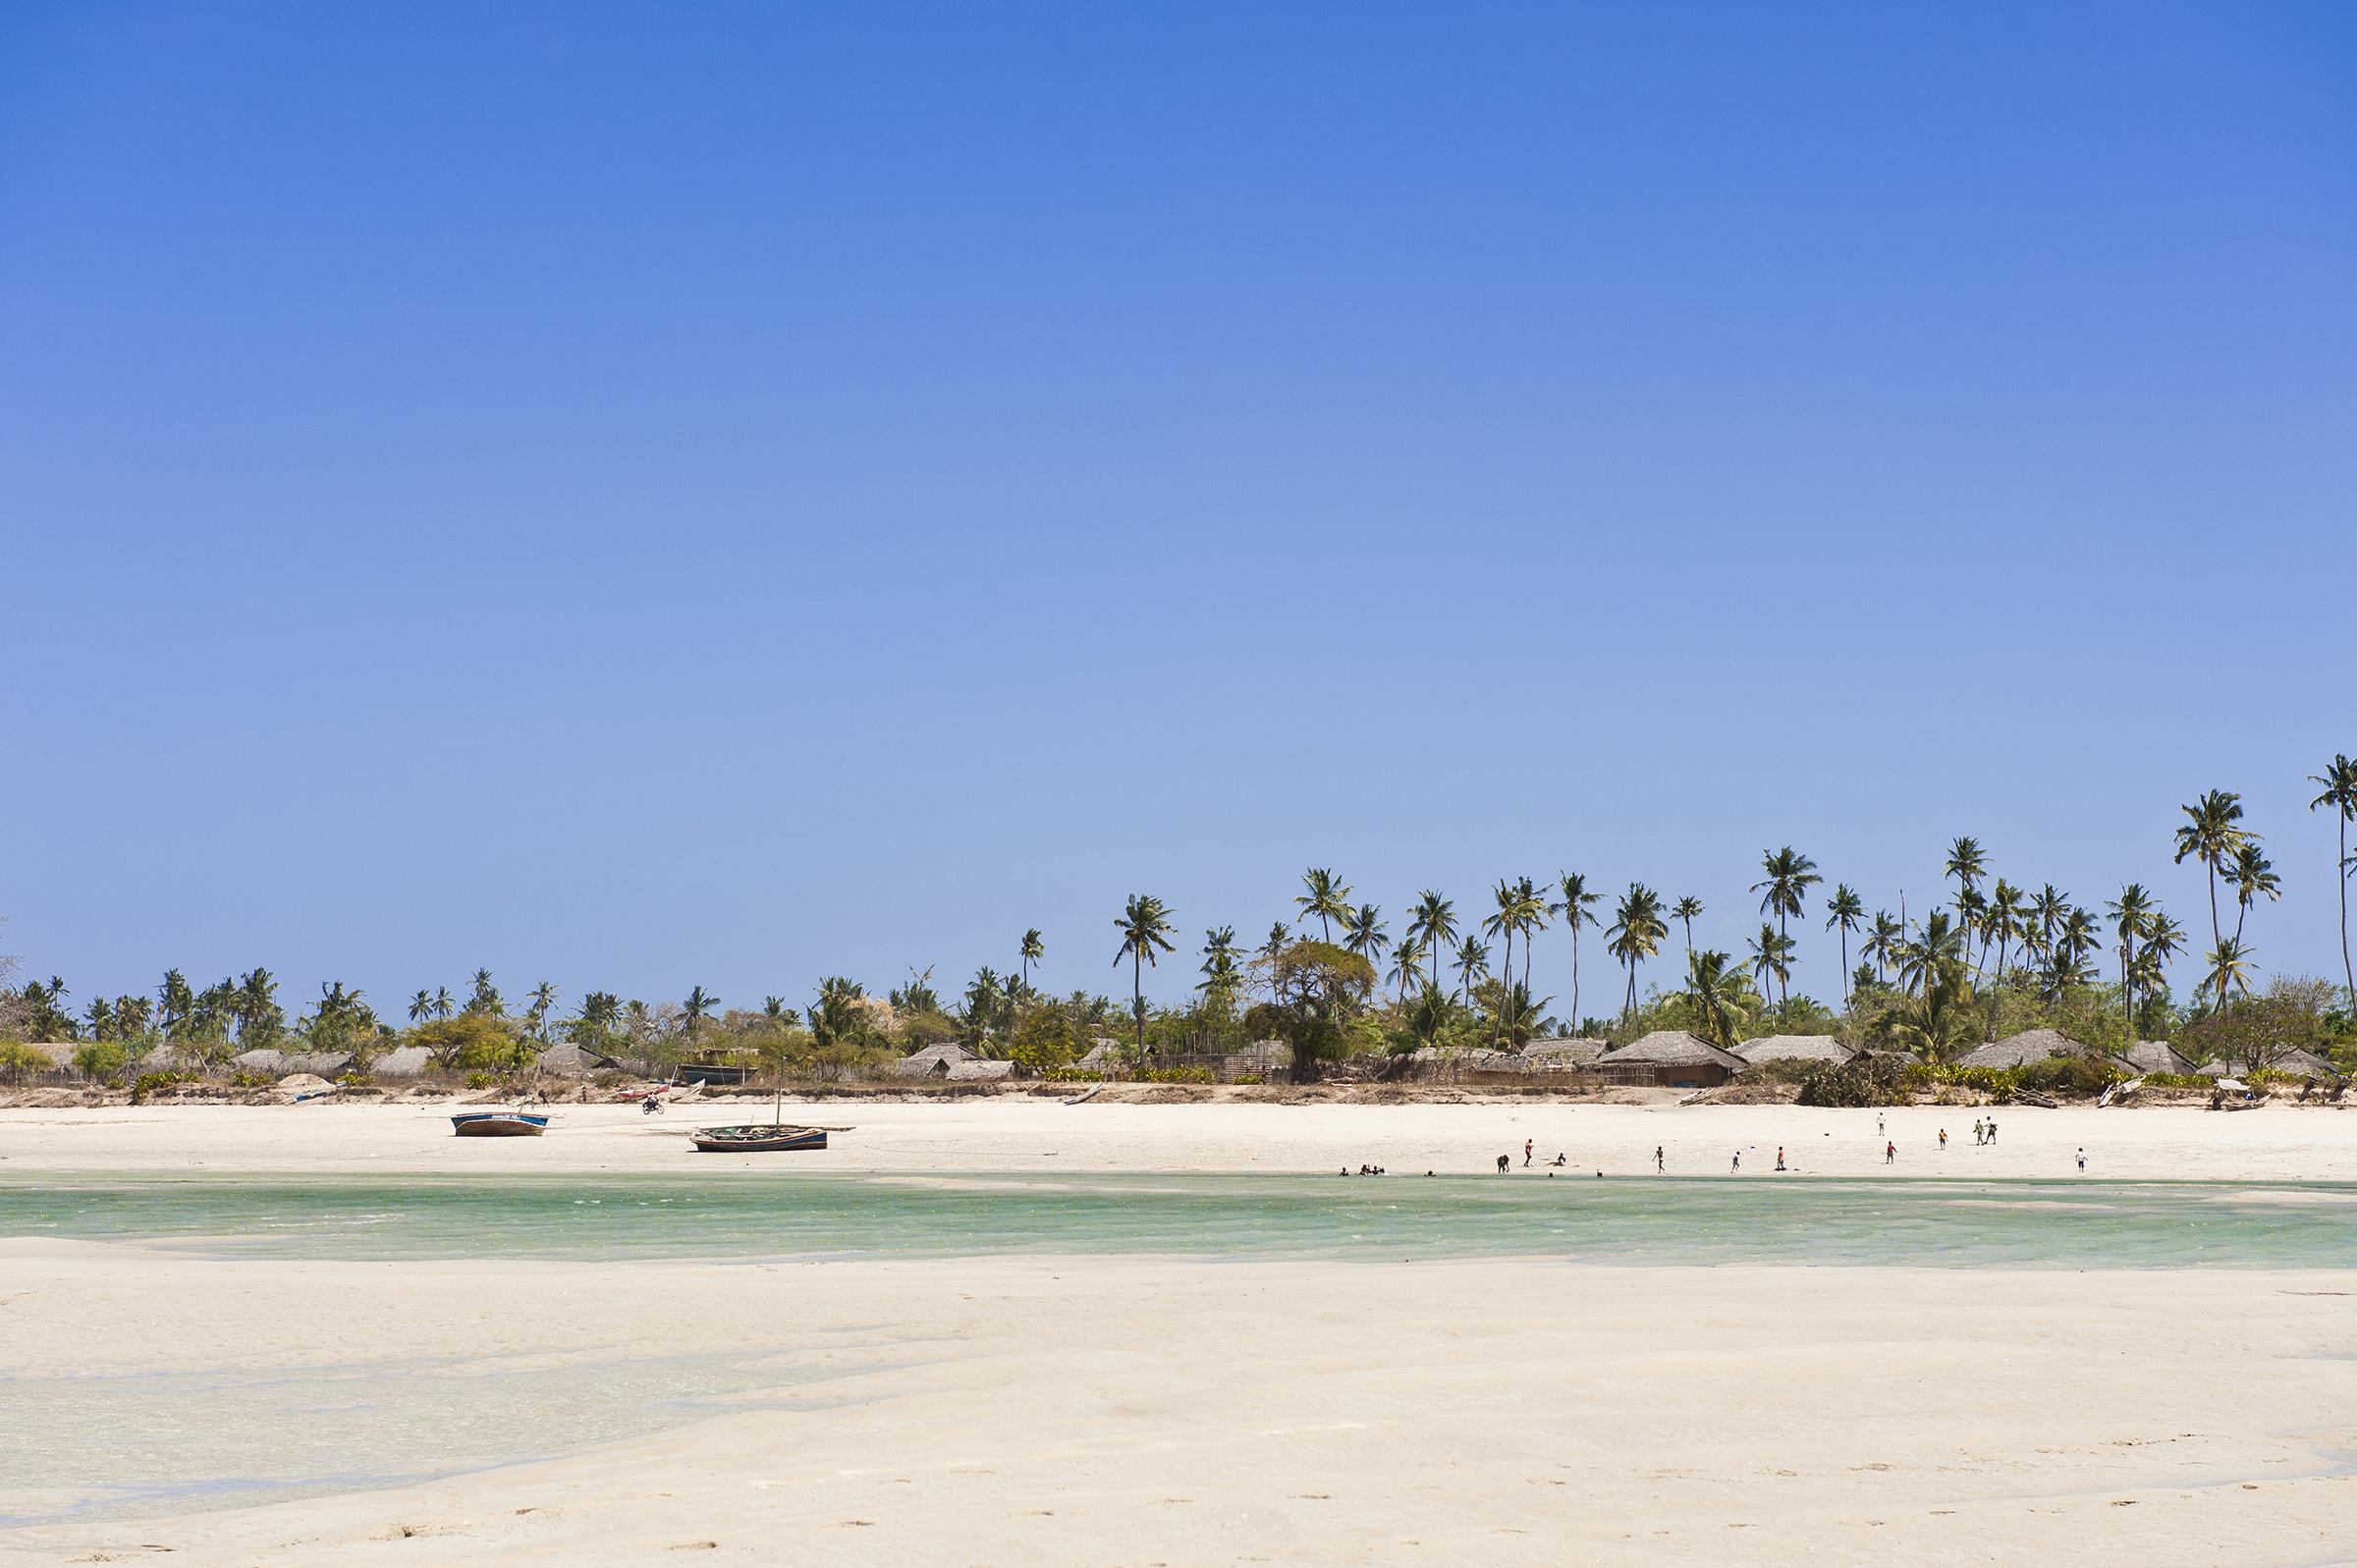 Il meglio per il romanticismo Ibo Island Mozambico